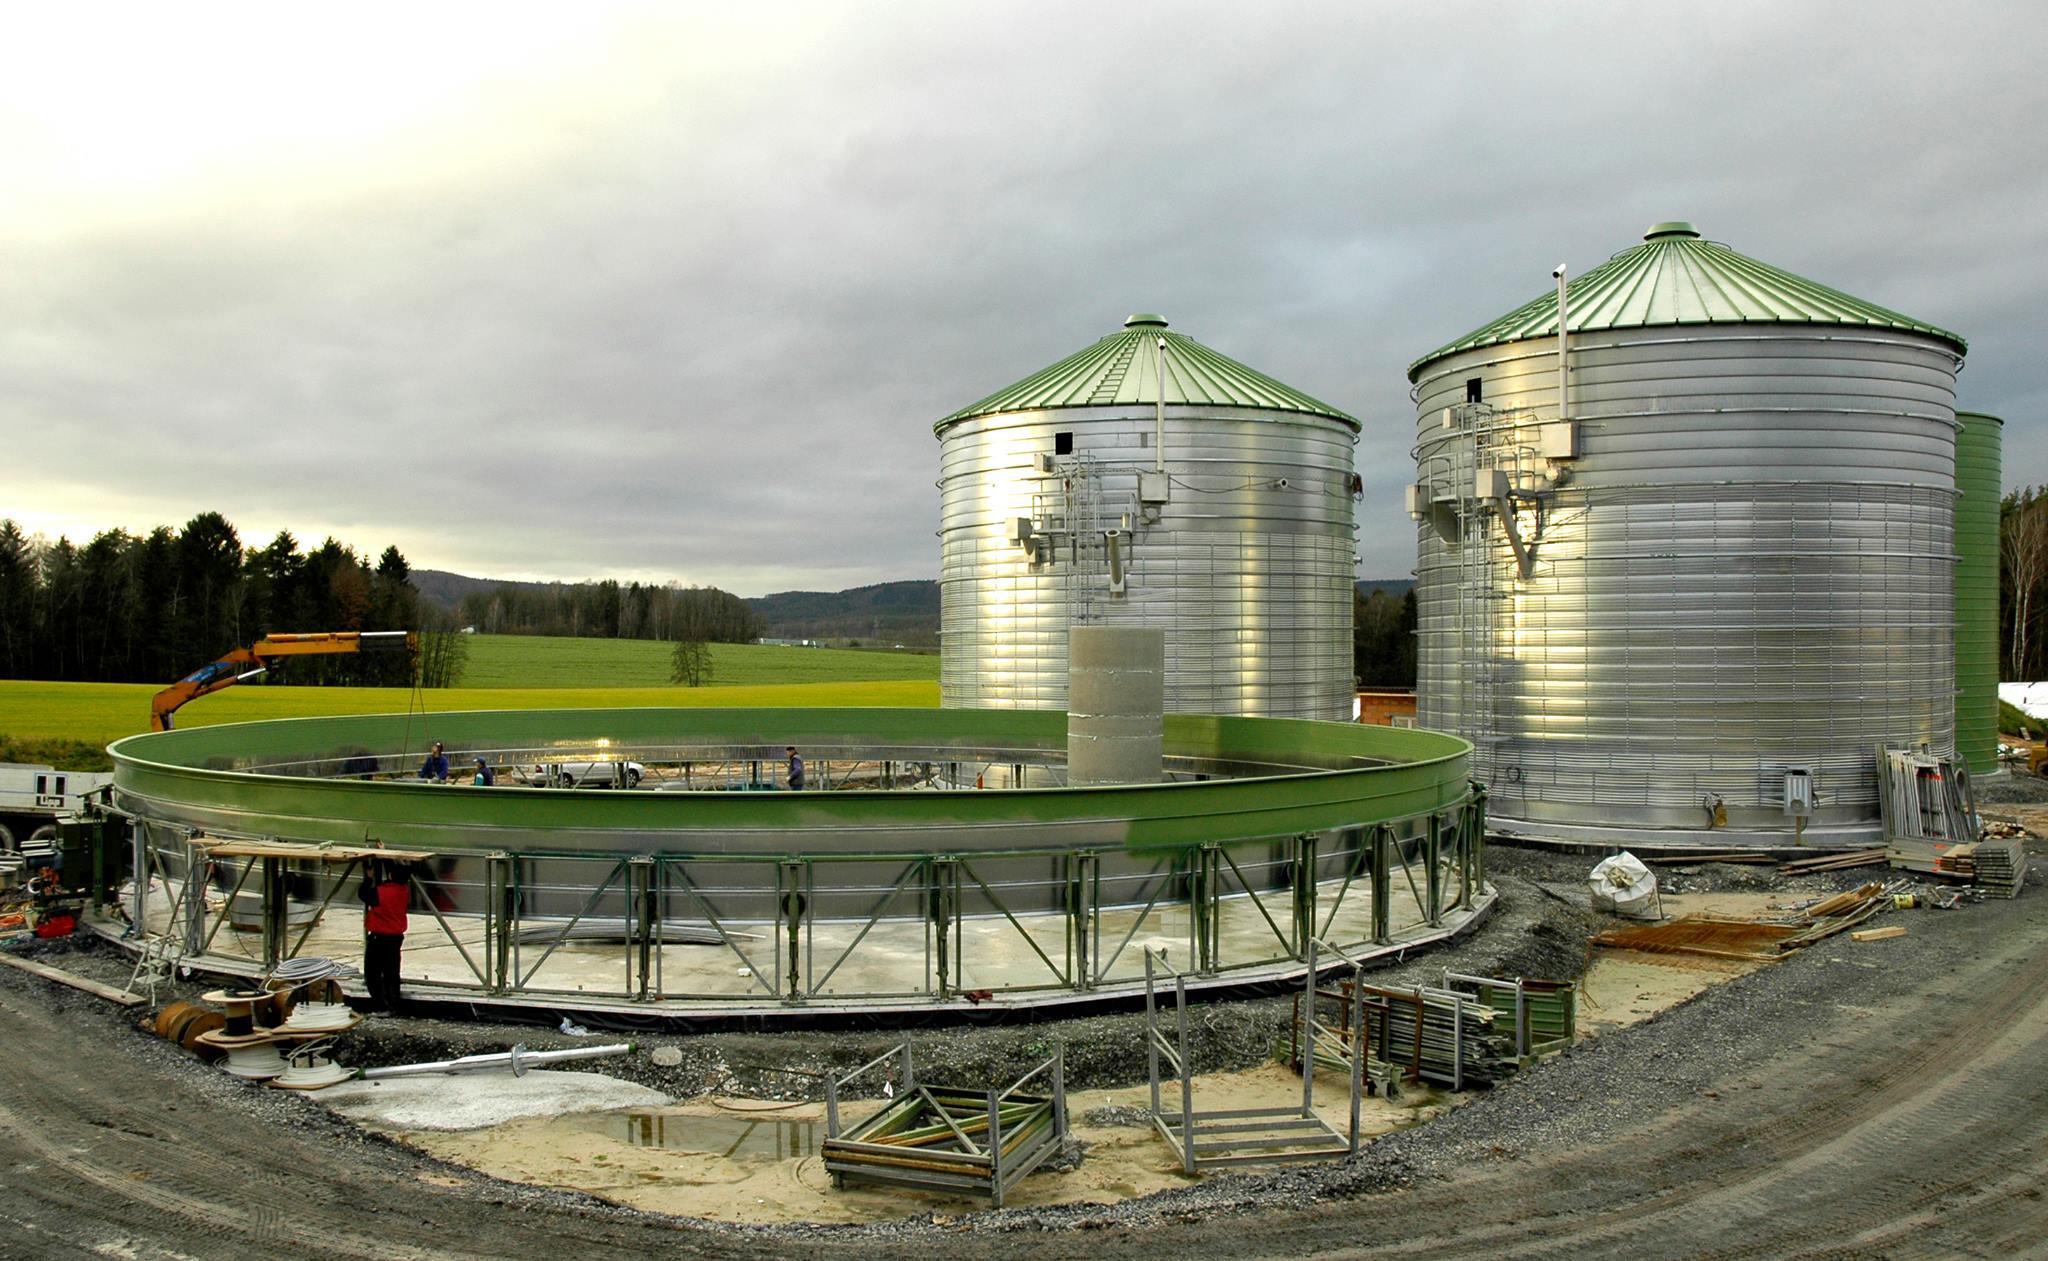 Bild 1 | Das intelligente Kamerasystem SeelectorICam Weld prüft parallel während des Aufbaus von Trinkwasserbehältern geschweißte Nähte innen und außen. (Bild: Lipp GmbH)